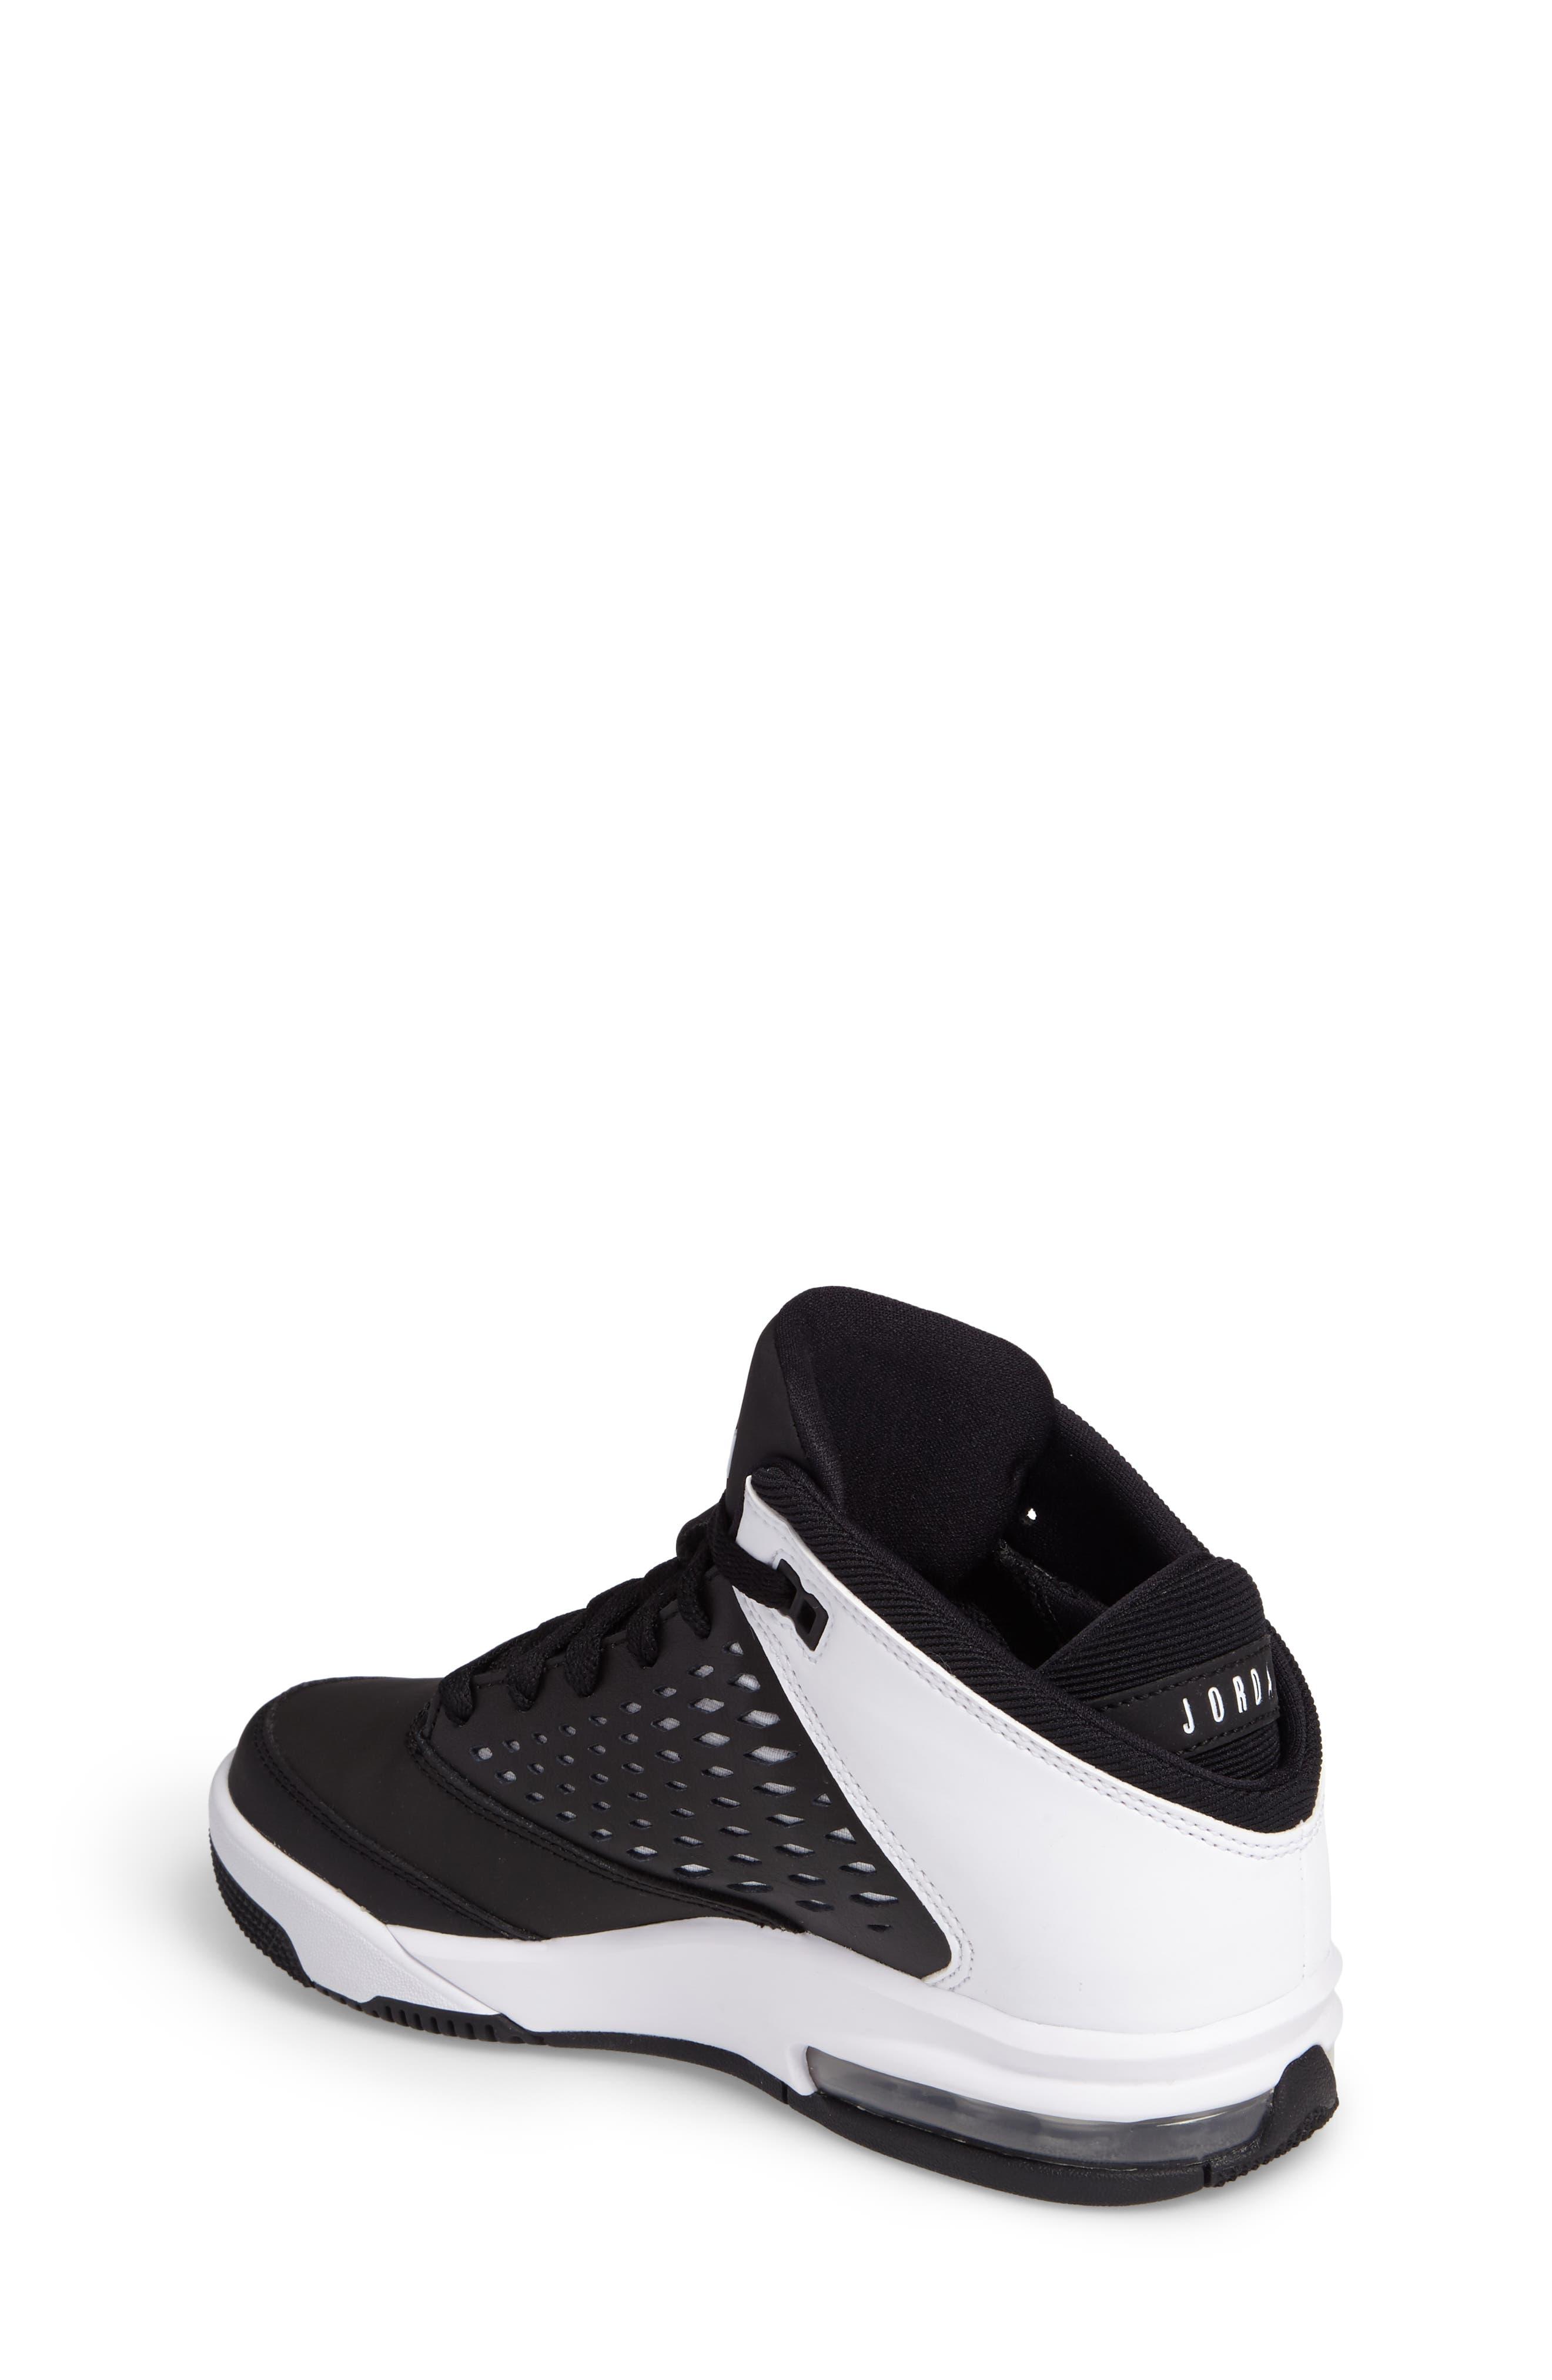 Alternate Image 2  - Nike Jordan Flight Origin Sneaker (Big Kid)